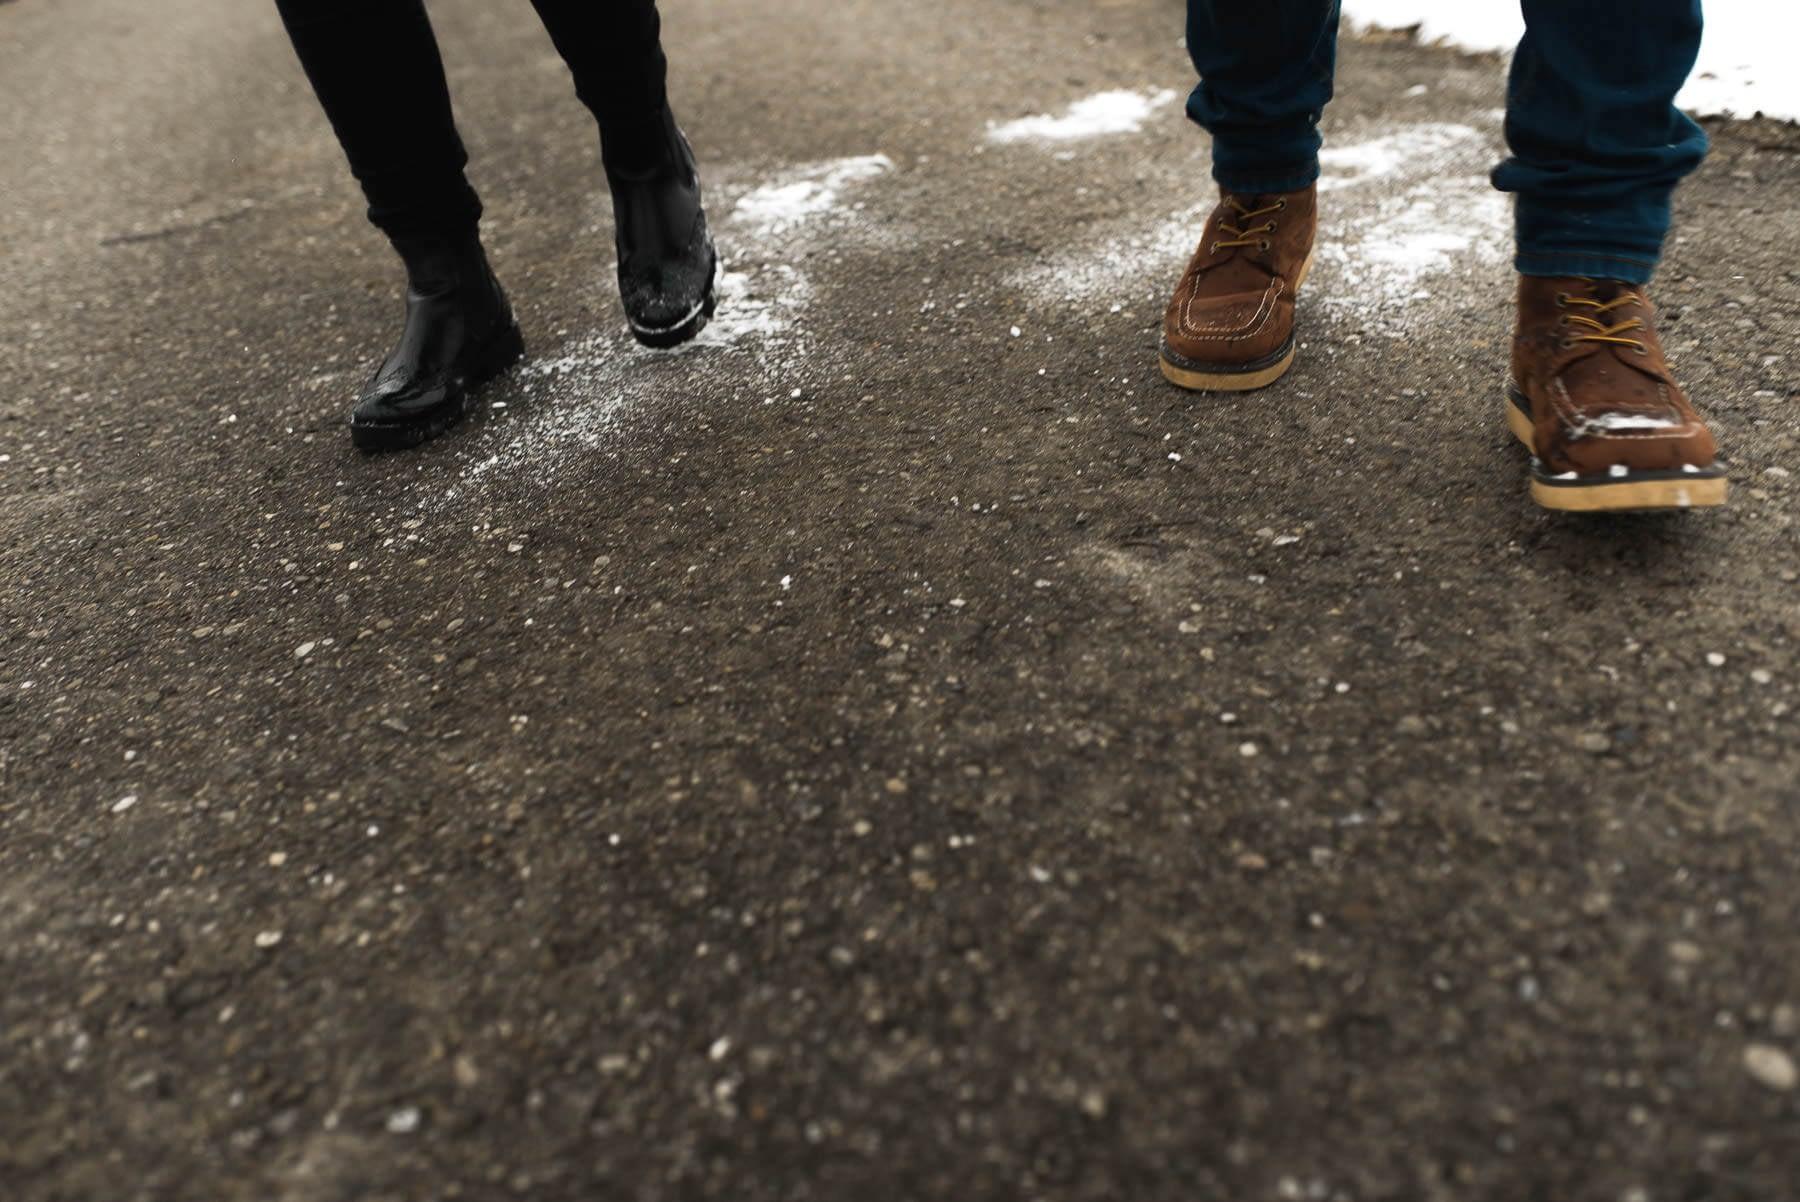 Winterschuhe Spaziergang im Schnee auf Feldweg in Schwäbisch Hall